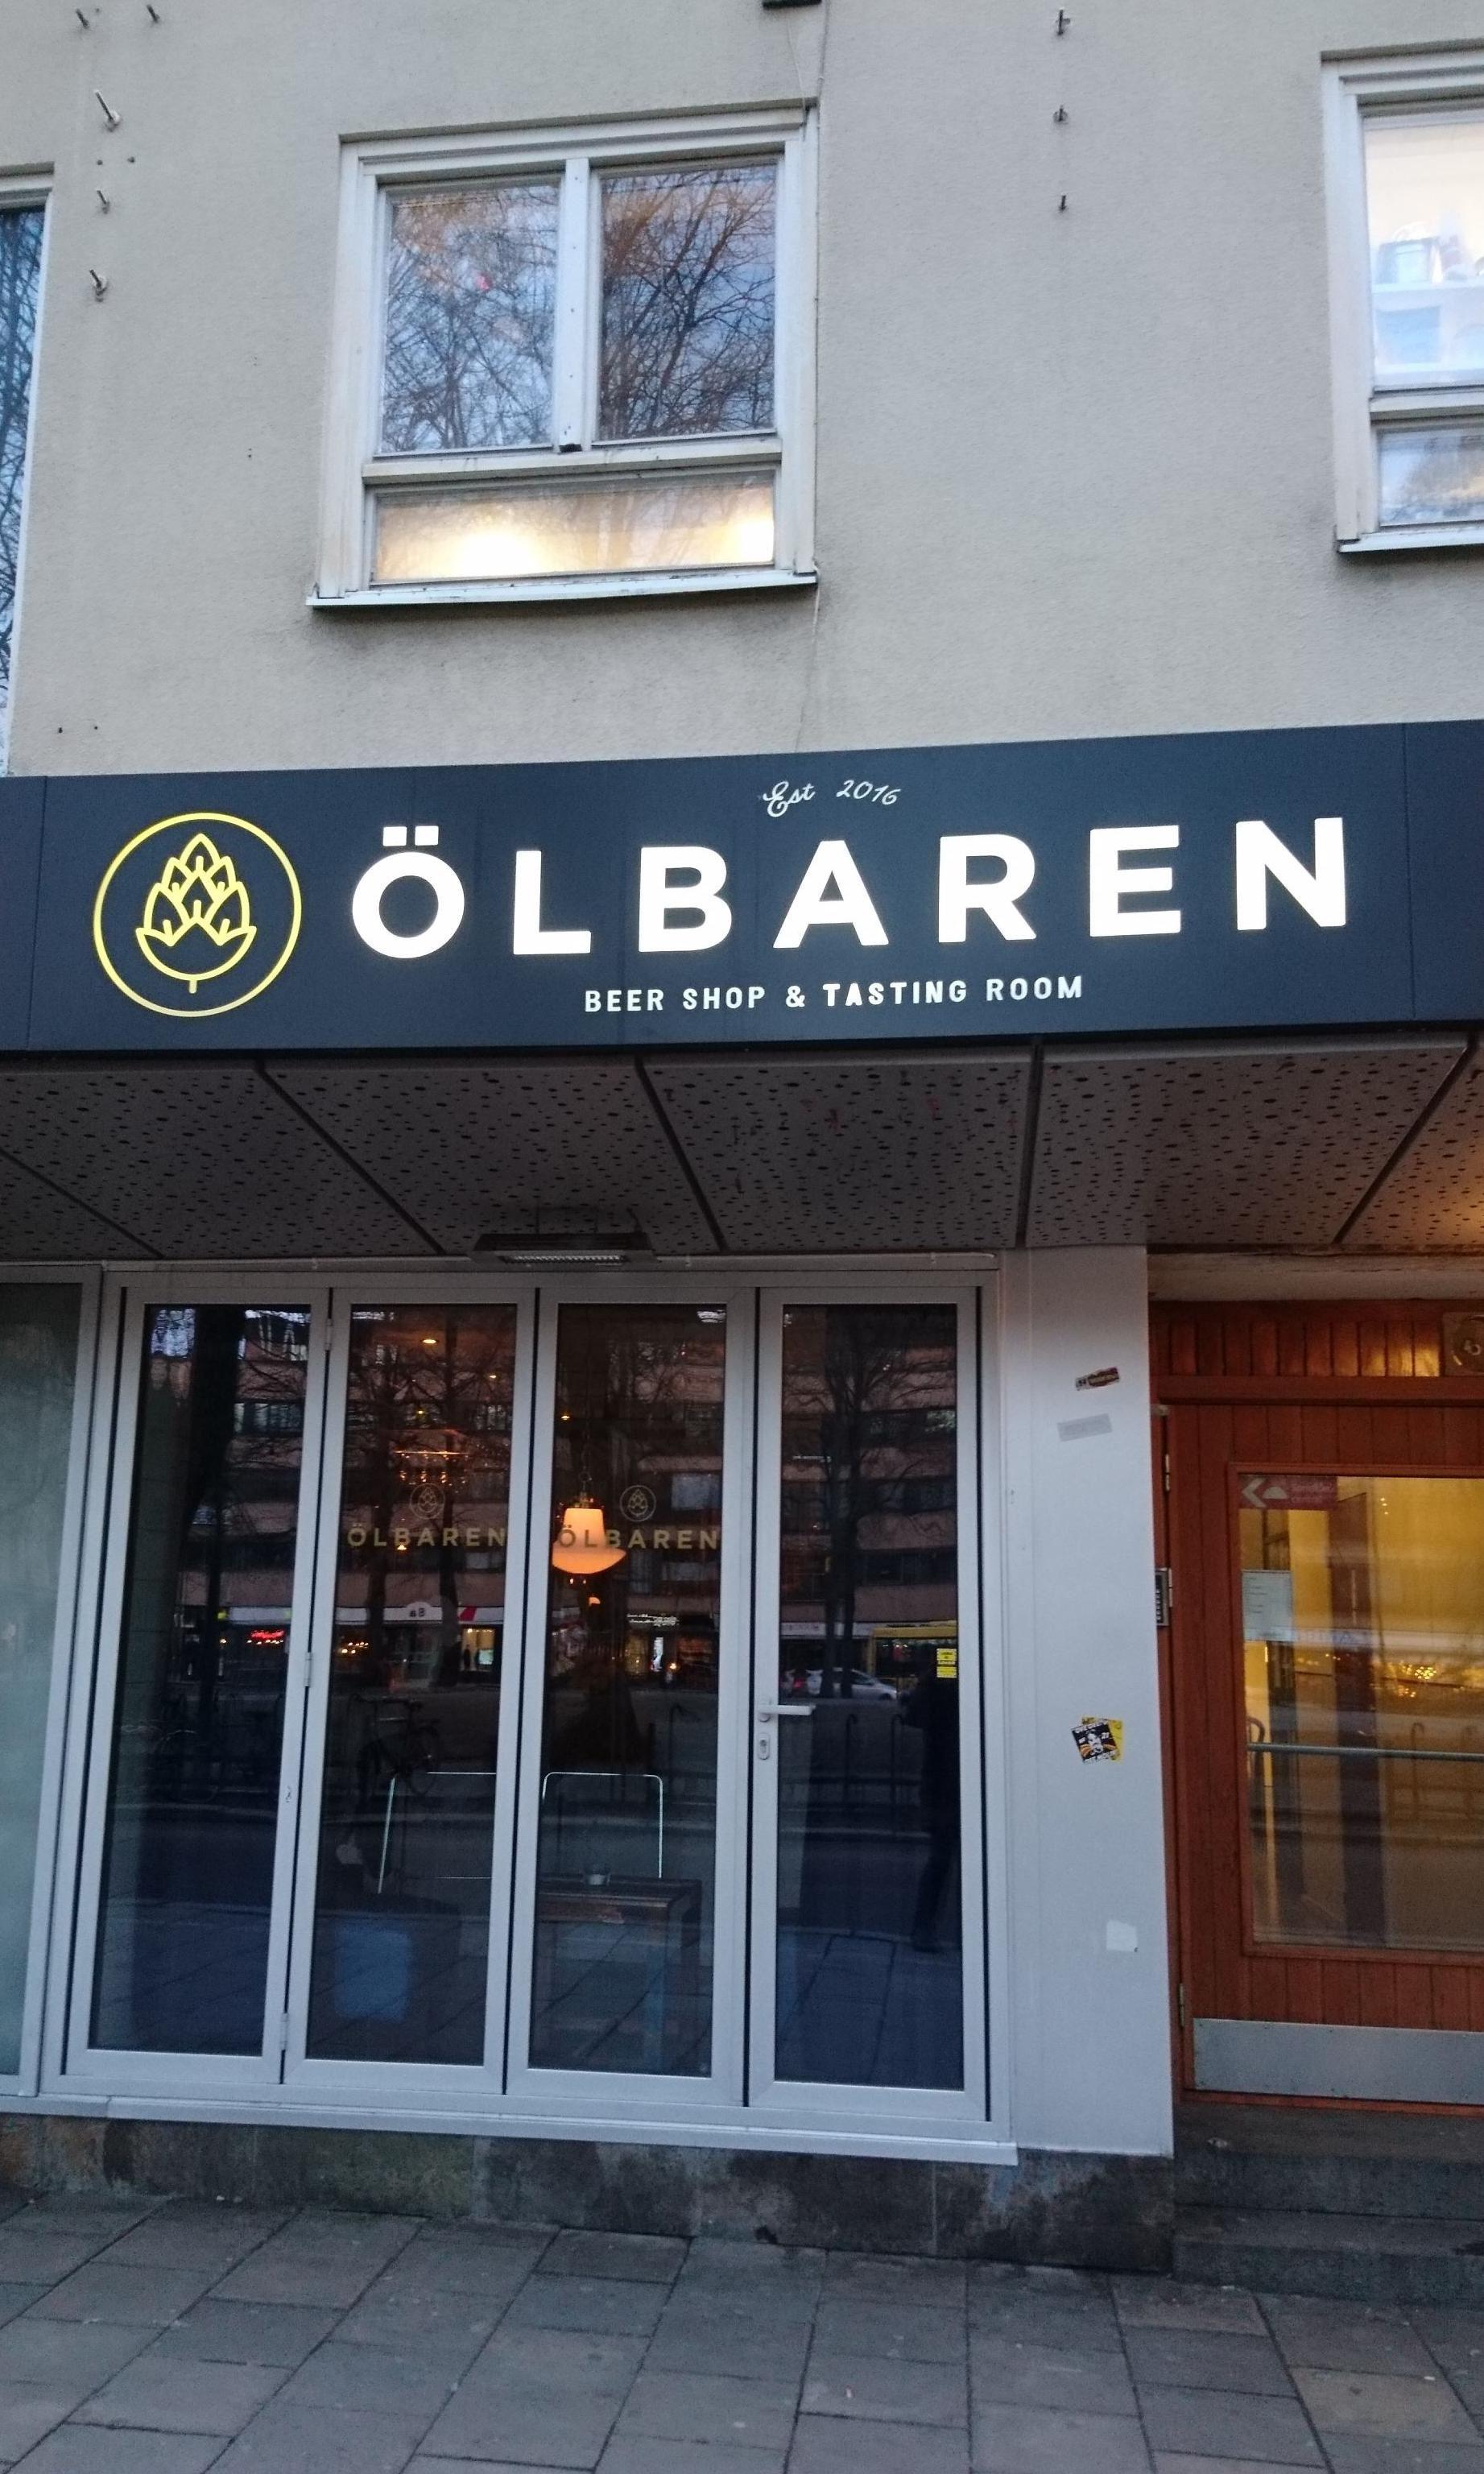 ÖLBAREN - Beer shop and tasting room